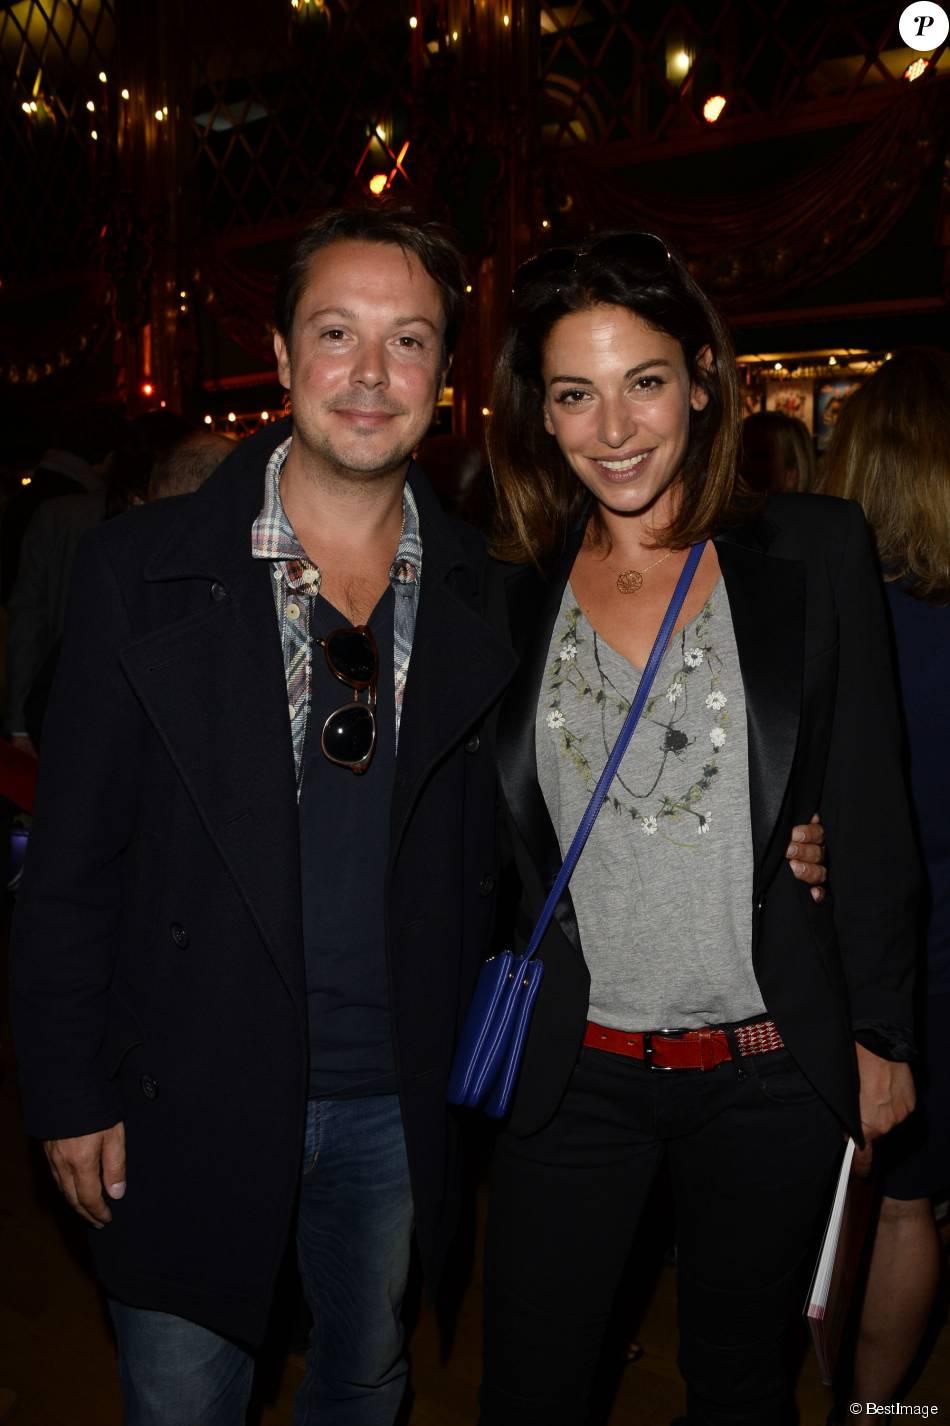 Davy Sardou et sa femme Noémie Elbaz - Présentation de la saison 2015/2016 par le Syndicat National du Théâtre Privé aux Folies Bergère à Paris. Le 8 septembre 2015